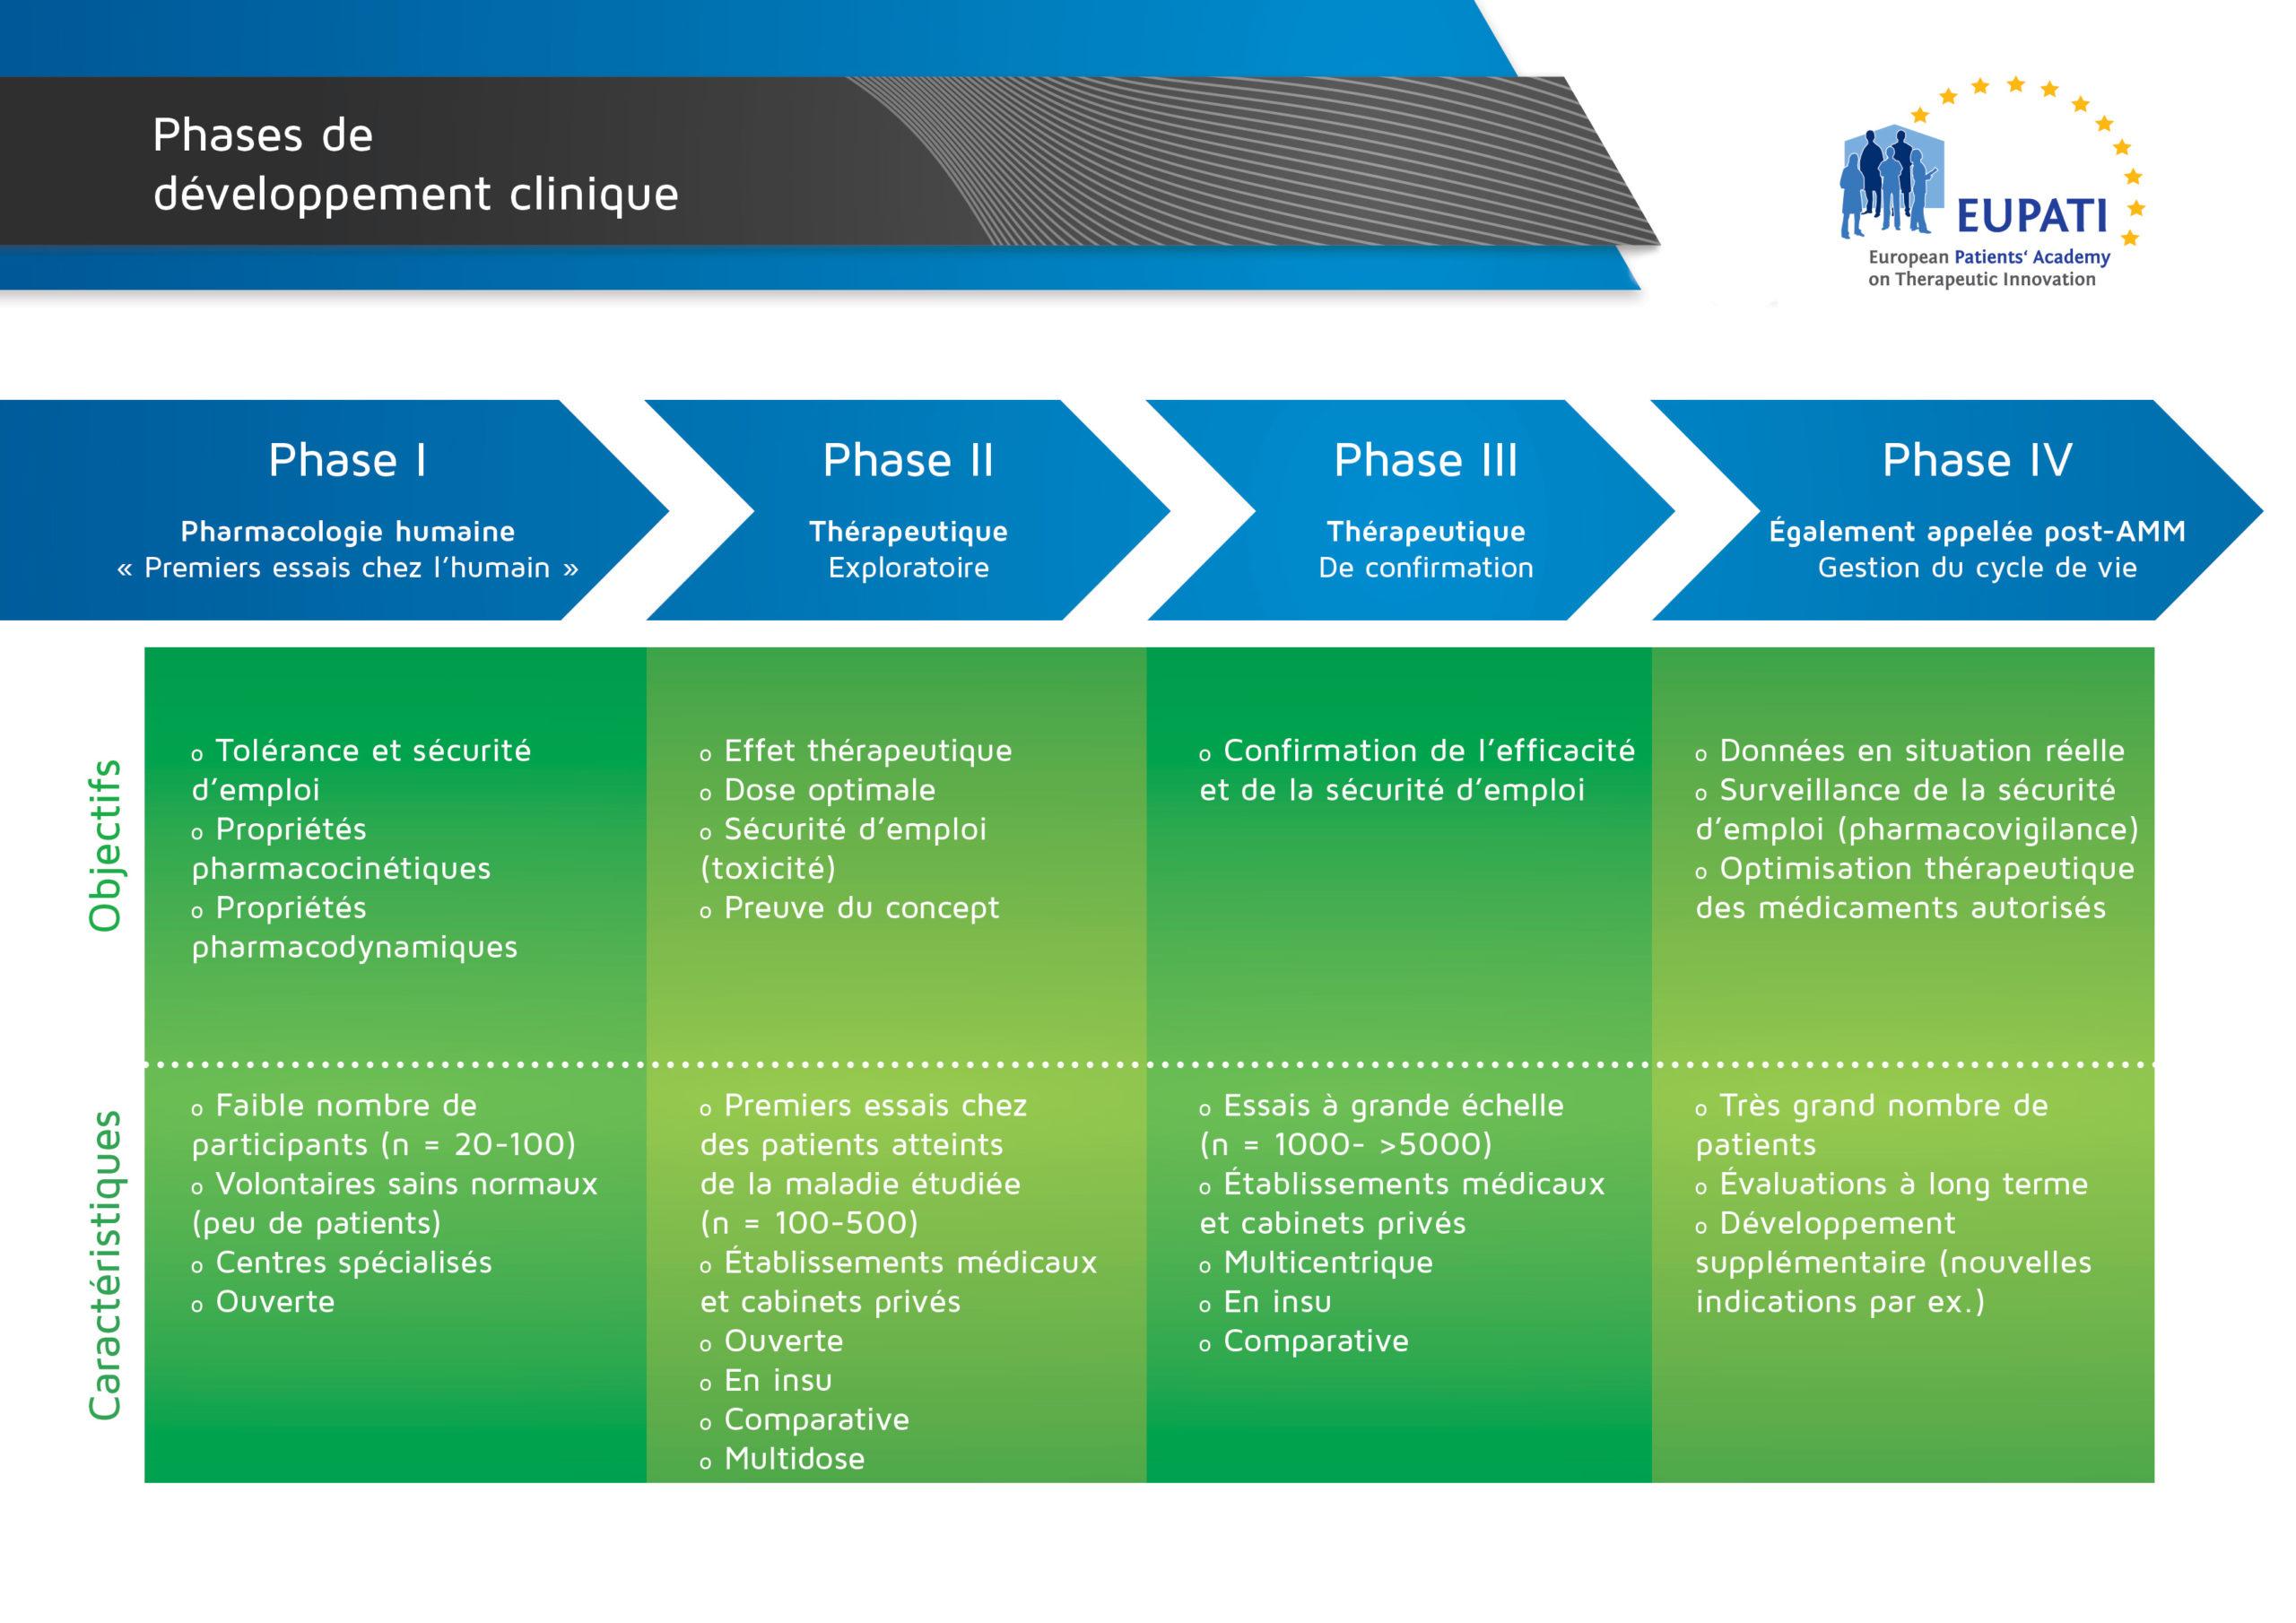 Les quatre phases de développement clinique diffèrent en termes d'objectifs et de caractéristiques.